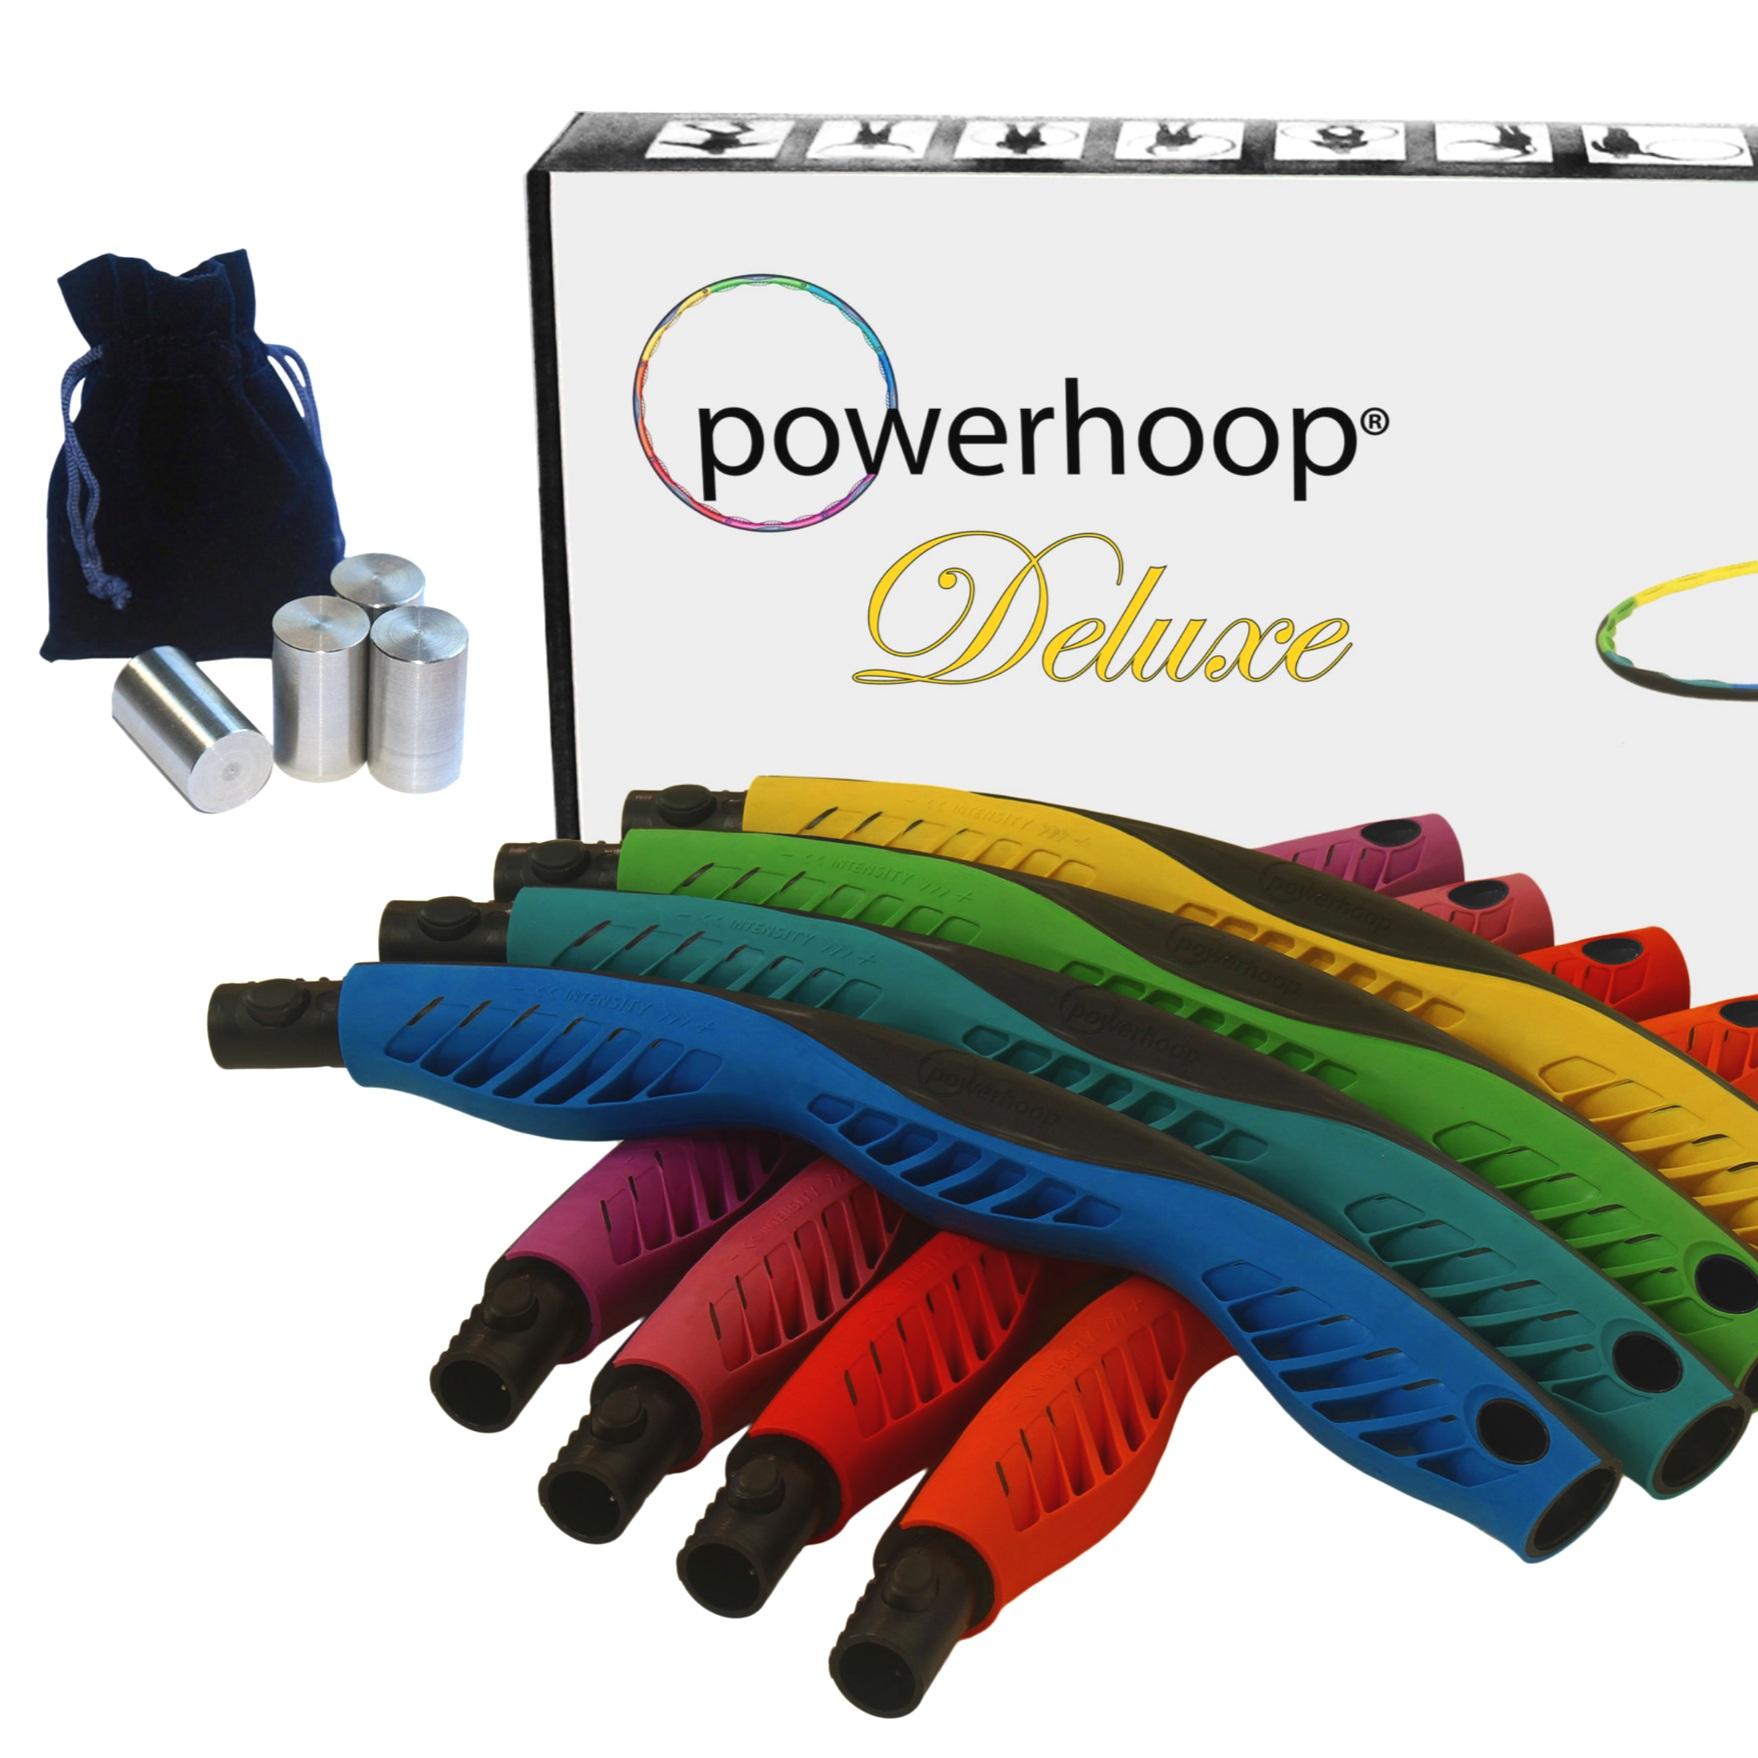 Buy a Powerhoop -